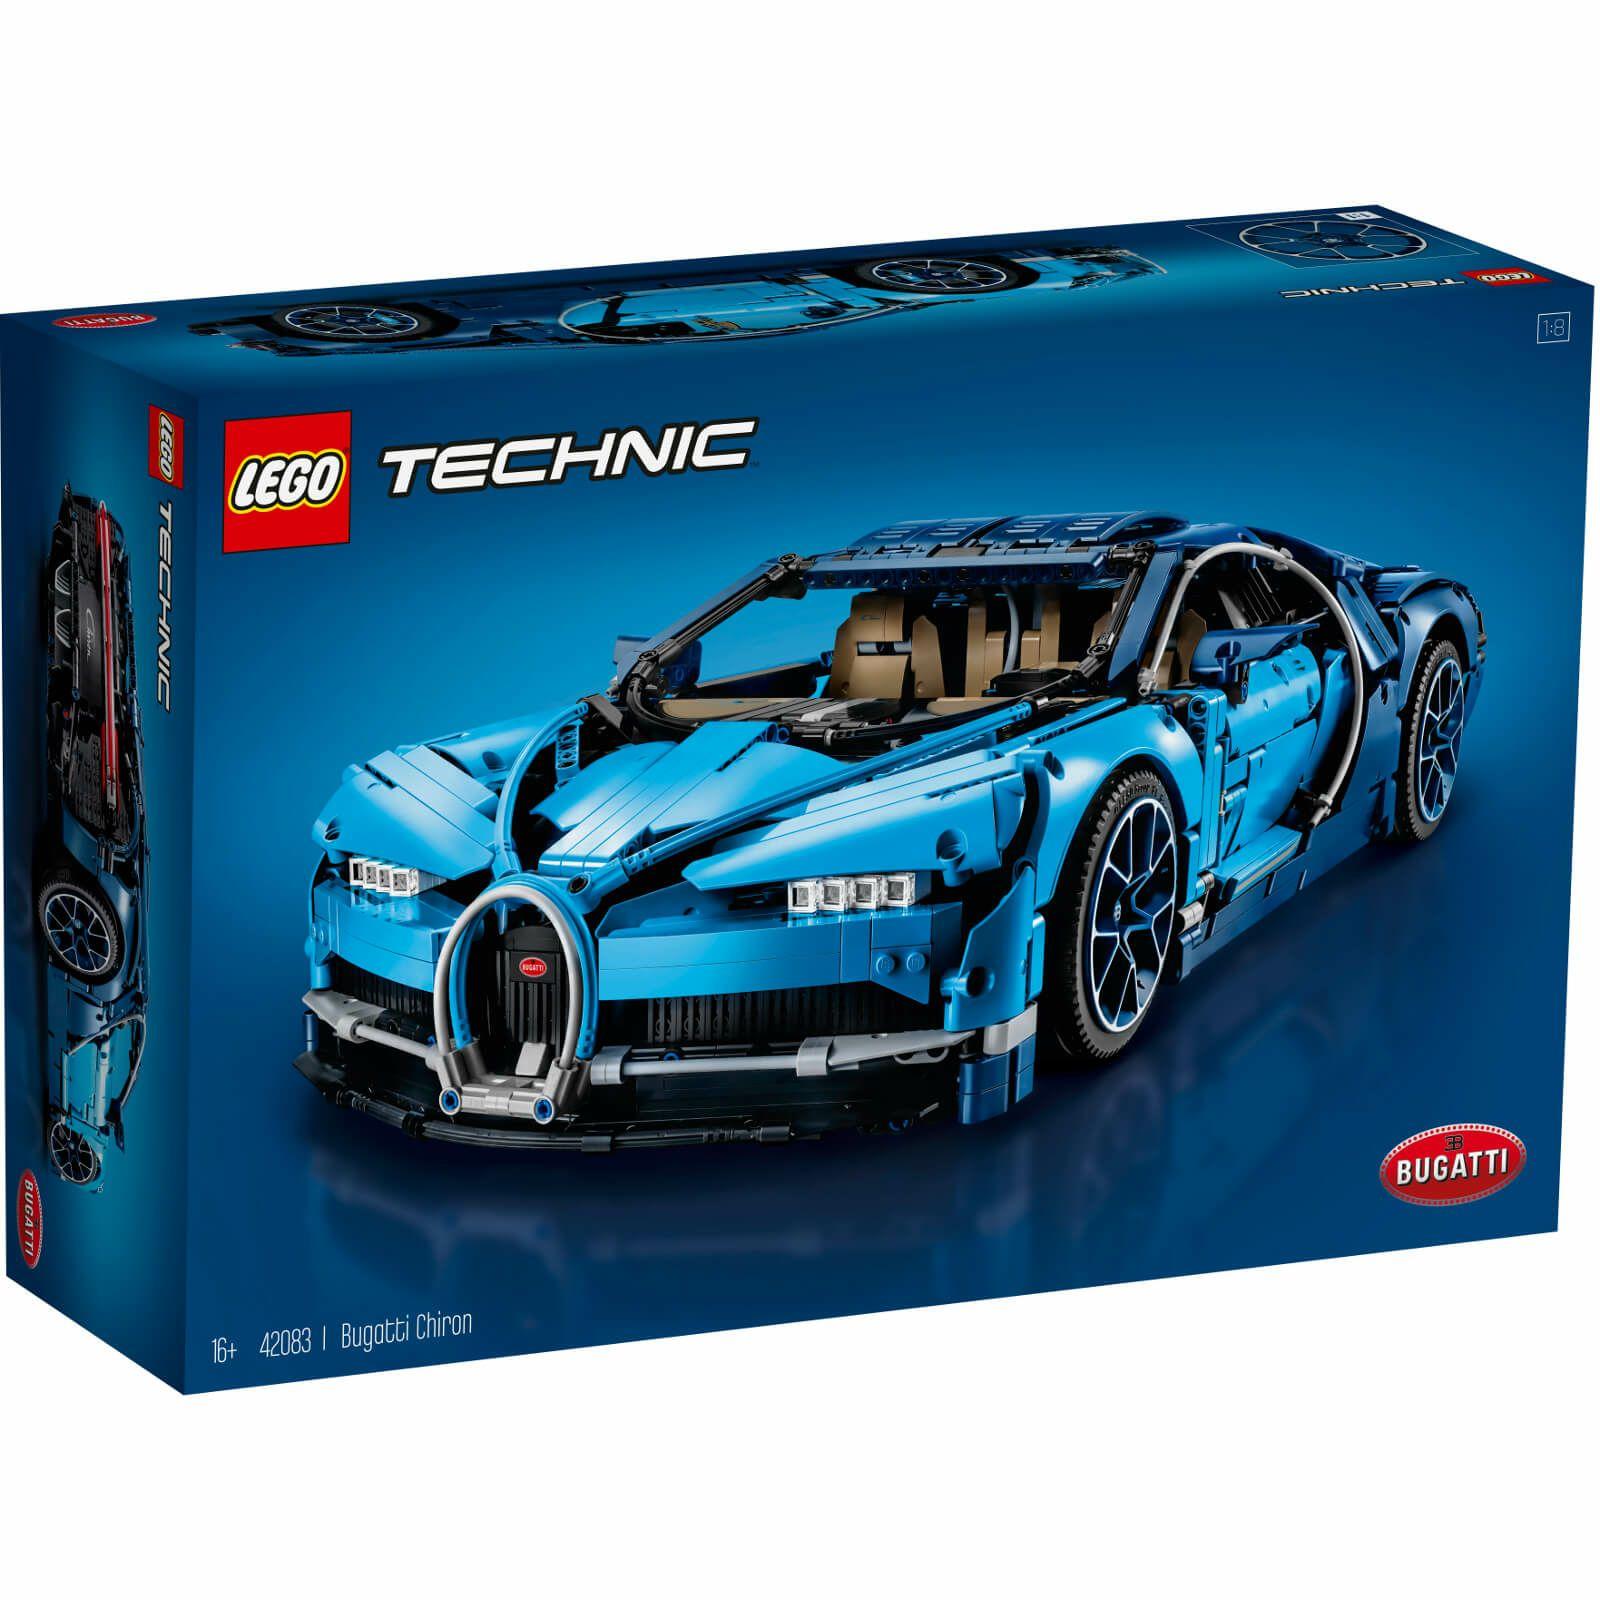 Jouet Lego Technic 42083 - Bugatti Chiron